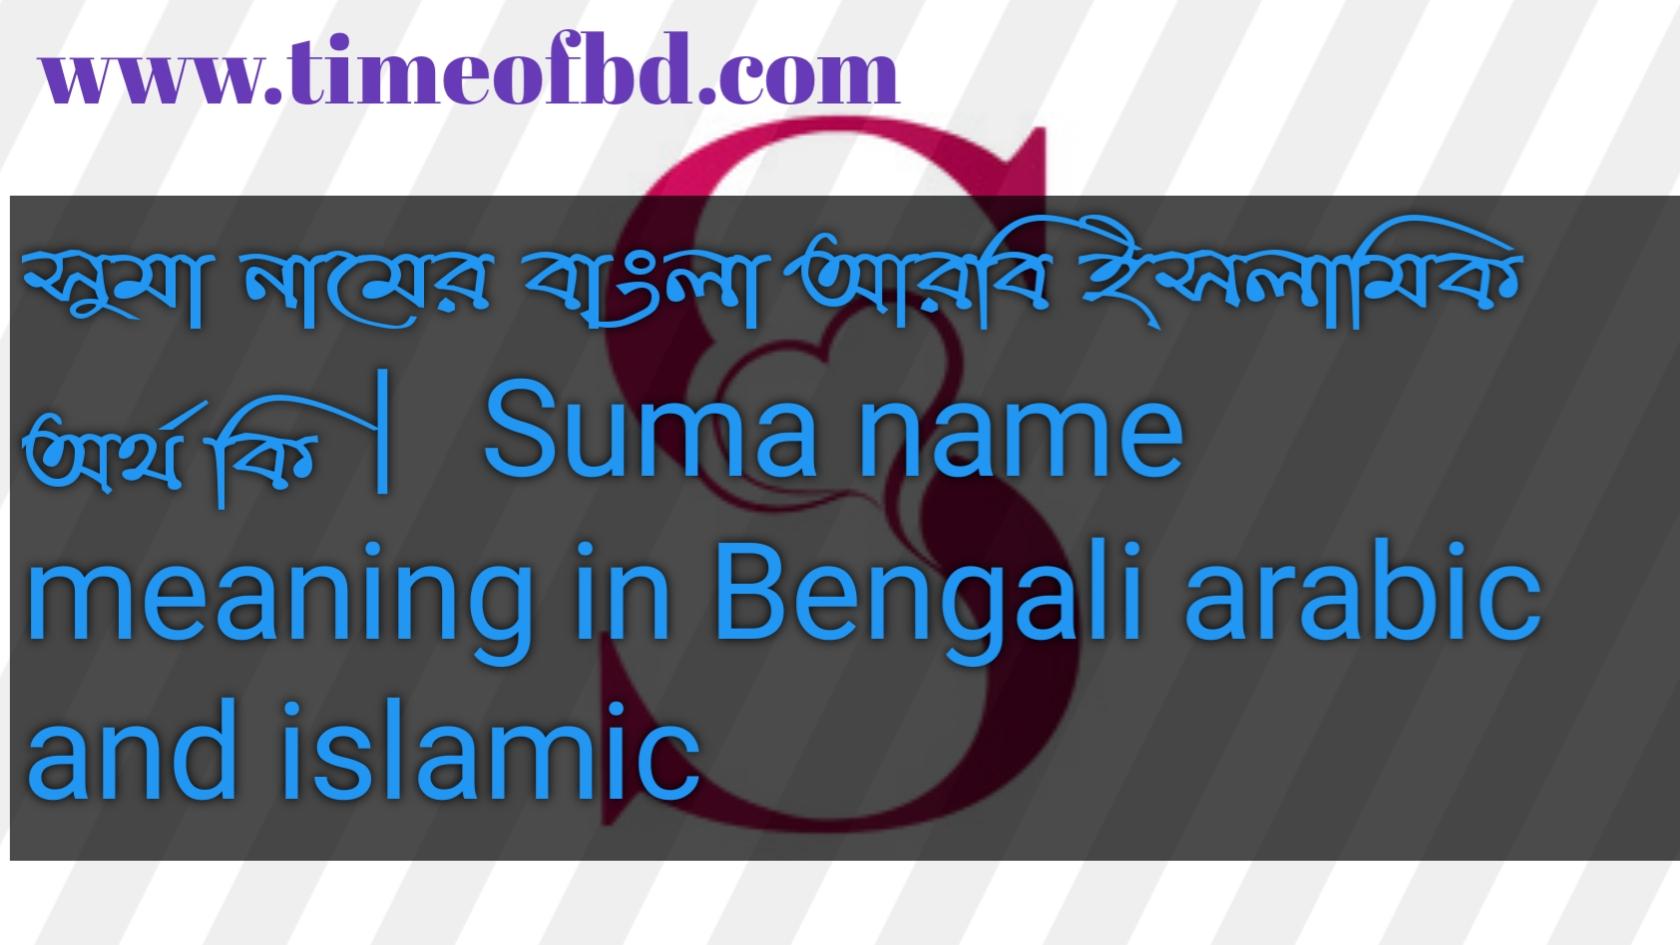 সুমা নামের অর্থ কি, সুমা নামের বাংলা অর্থ কি, সুমা নামের ইসলামিক অর্থ কি, Suma name in Bengali, সুমা কি ইসলামিক নাম,